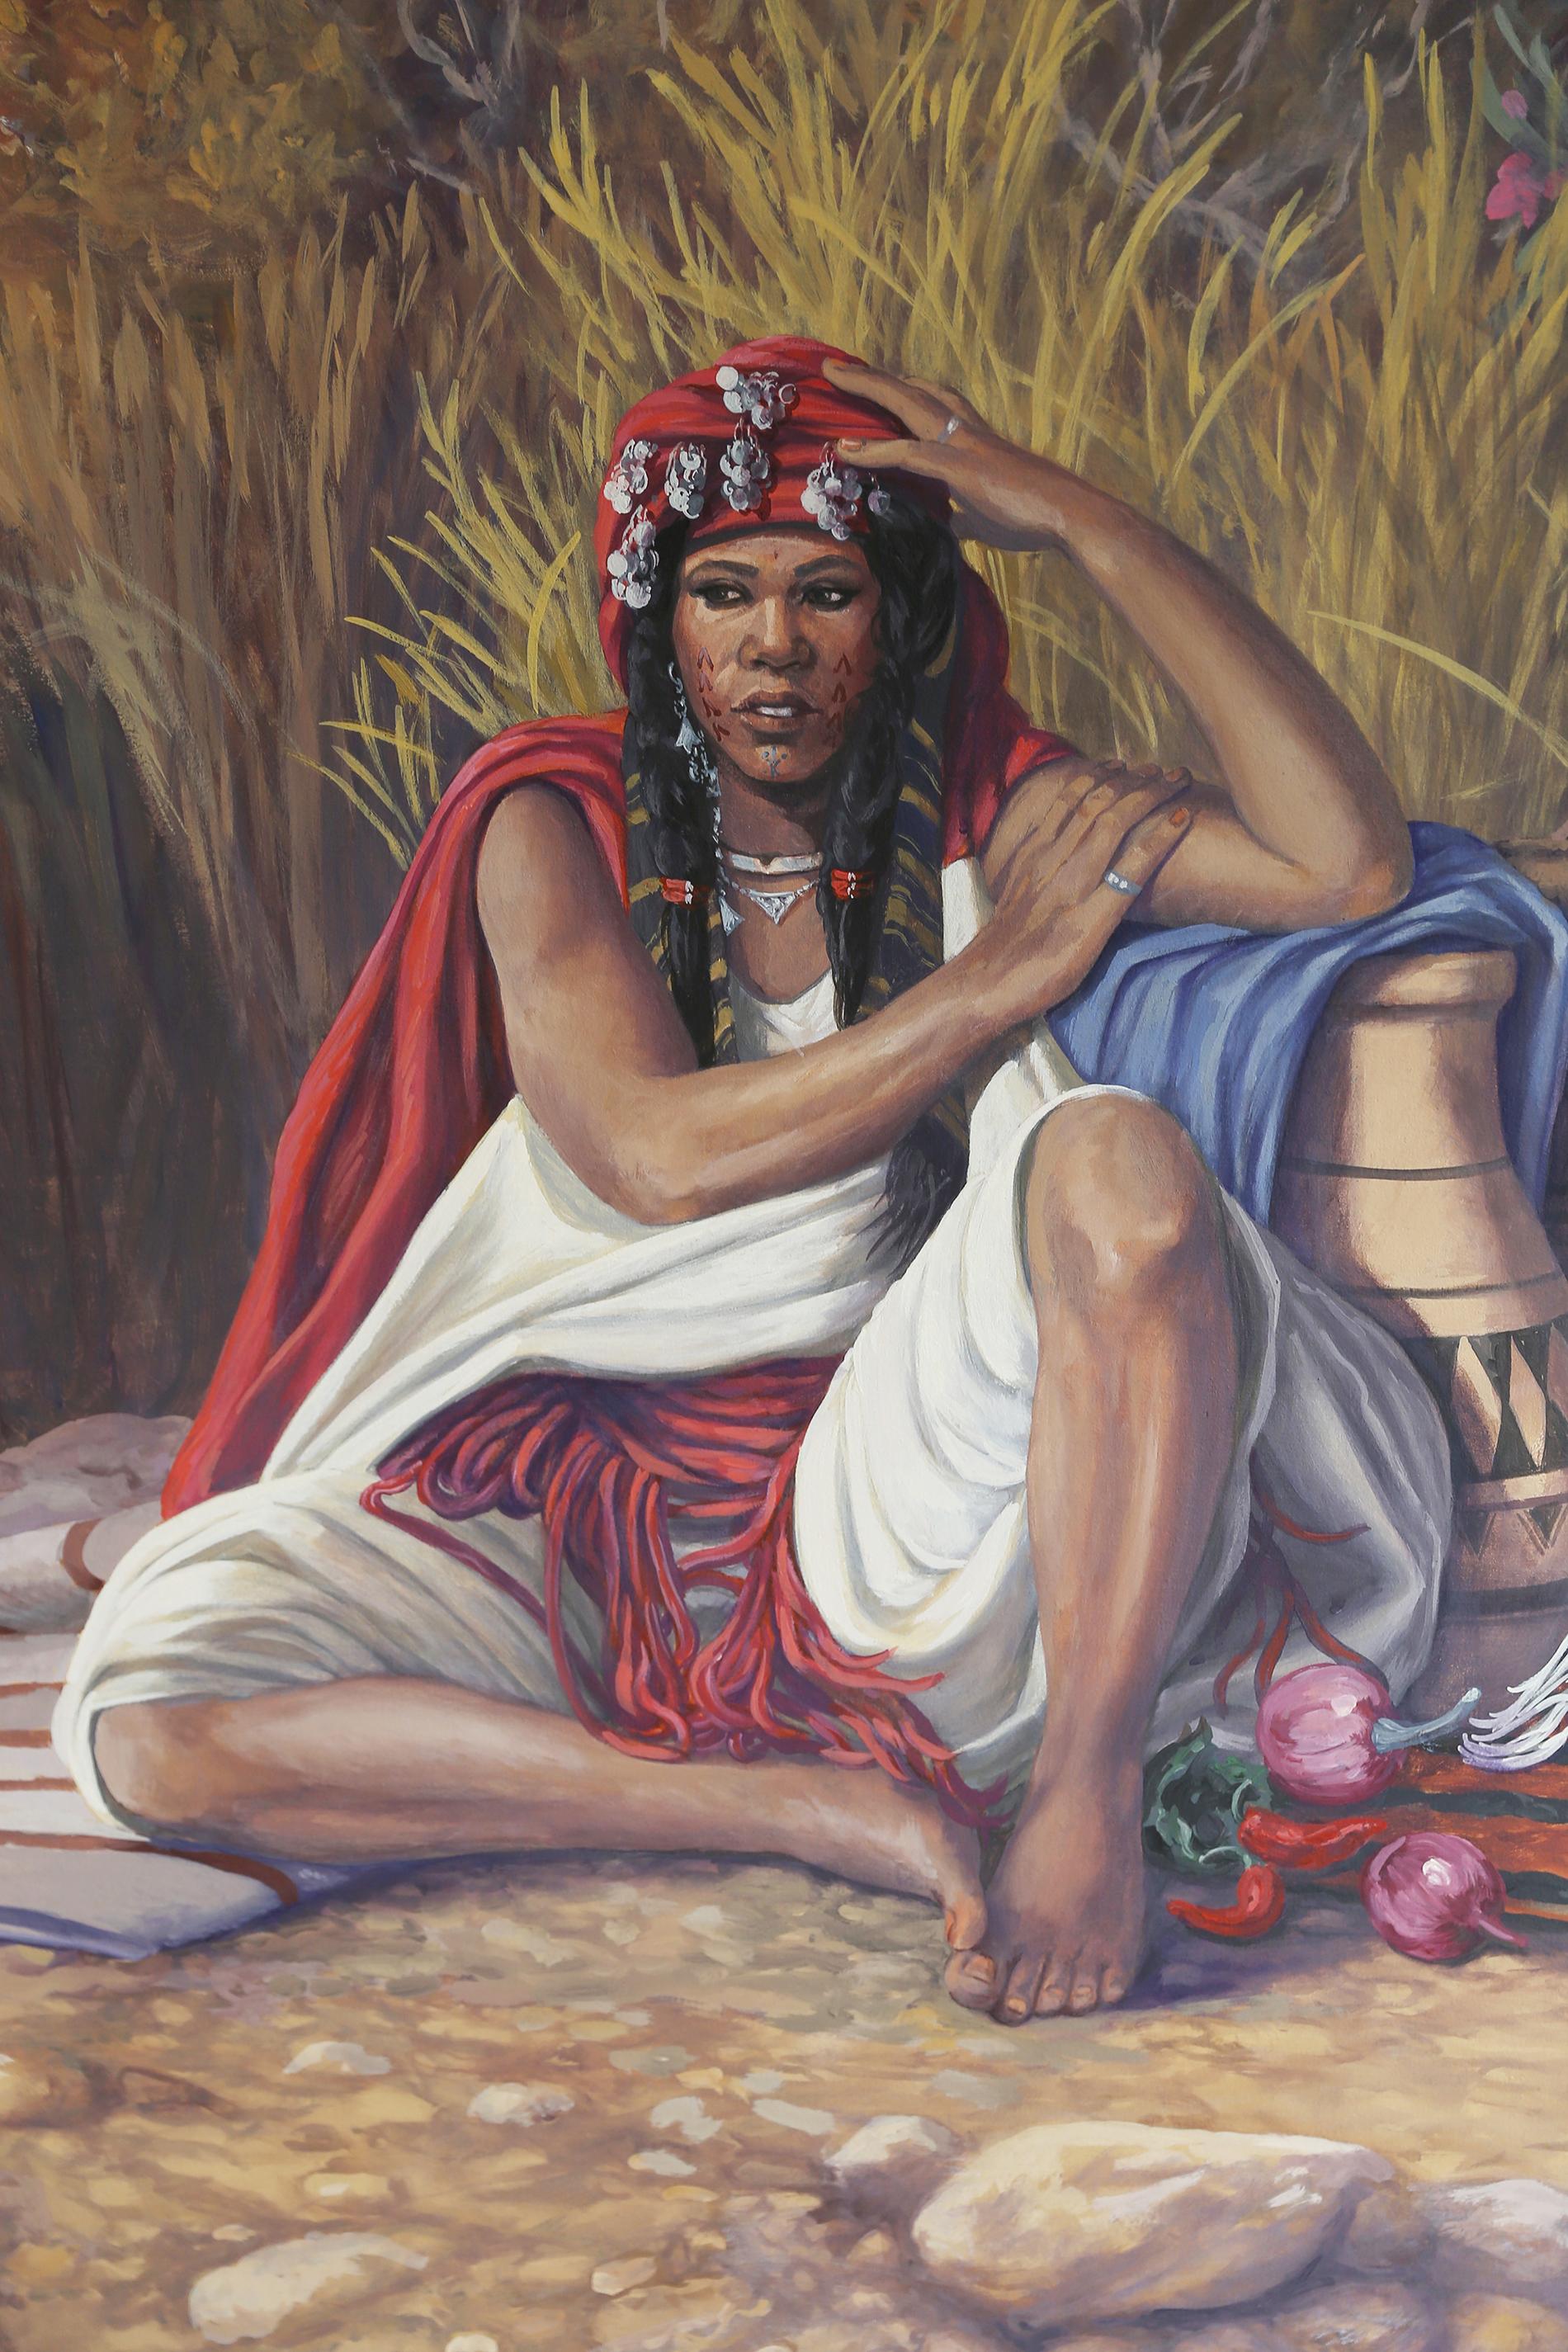 """Veduta """"mercato berbero"""",acrilico su tela,, orientalisti, Residenza privata Marrakech Marocco,Tecnica mista,acrilico su tela., tecnica mista, veduta mercato berbero, veduta orientalista, mercato berbero, donna berbera, cavalli berberi, tappeti berberi, venditori berberi, villaggio marocchino"""